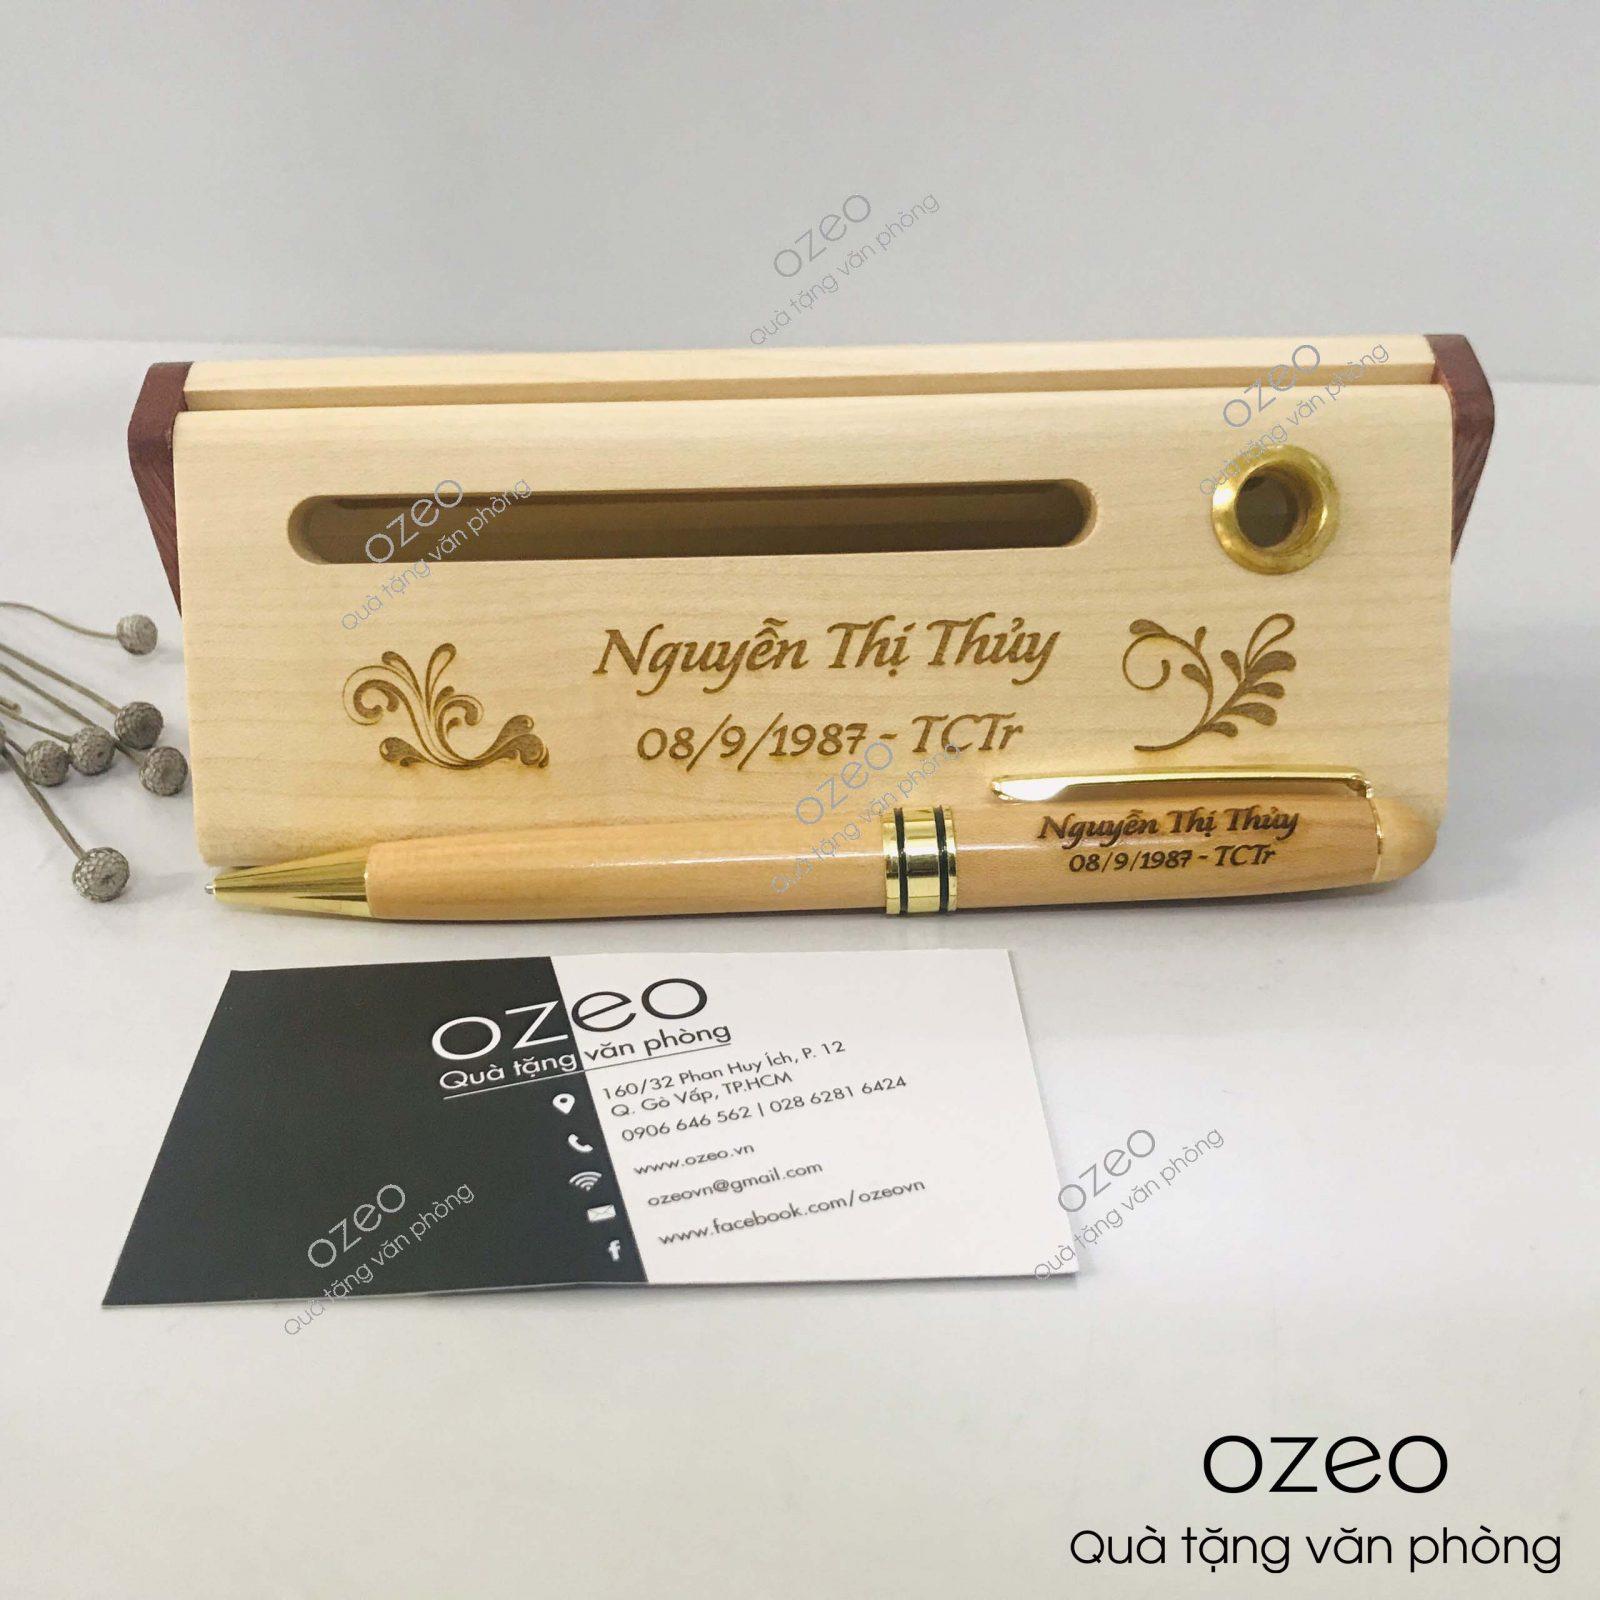 Bút gỗ khắc chữ theo yêu cầu tặng người thân, người yêu, bạn bè, đồng nghiệp.